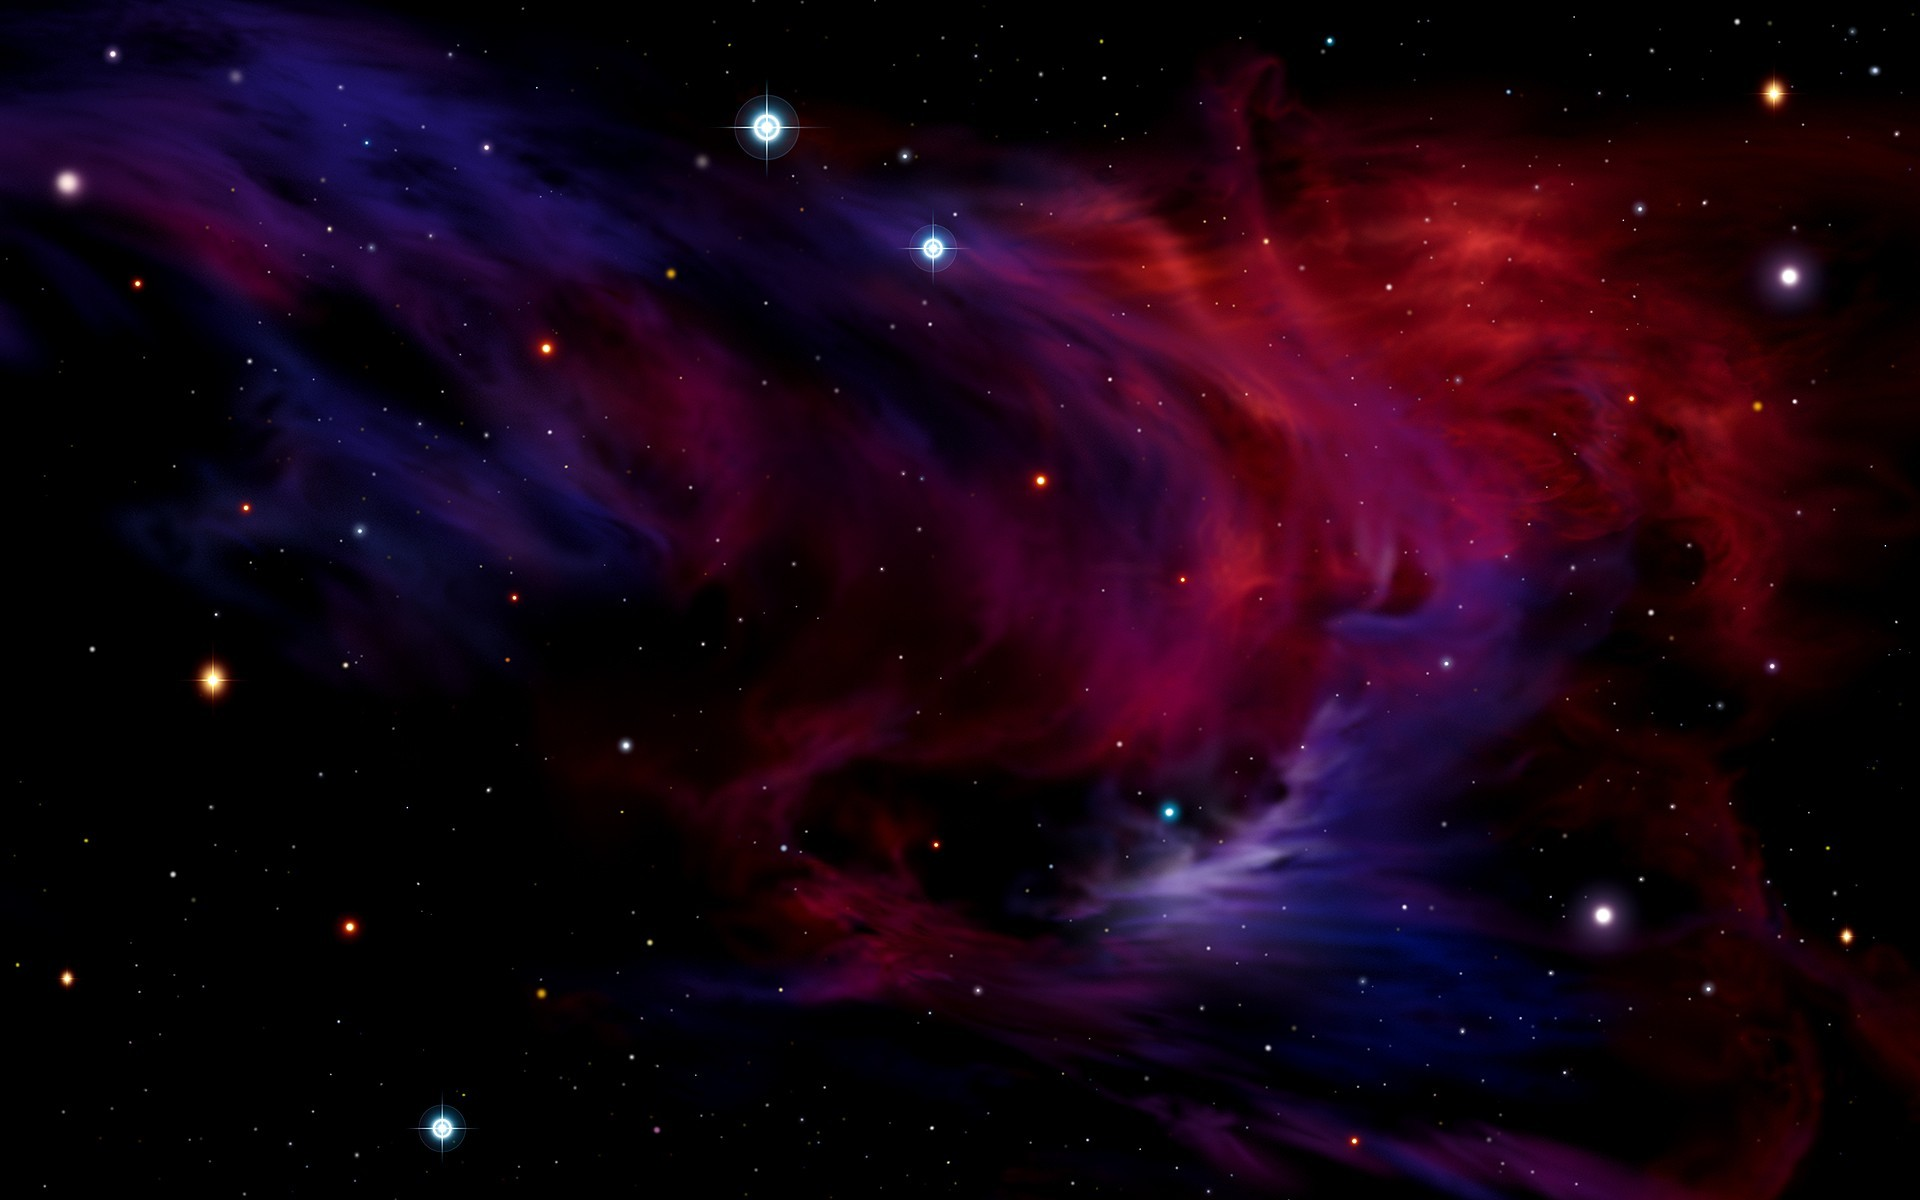 Sfondi universo hd 84 immagini for Sfondi hd spazio